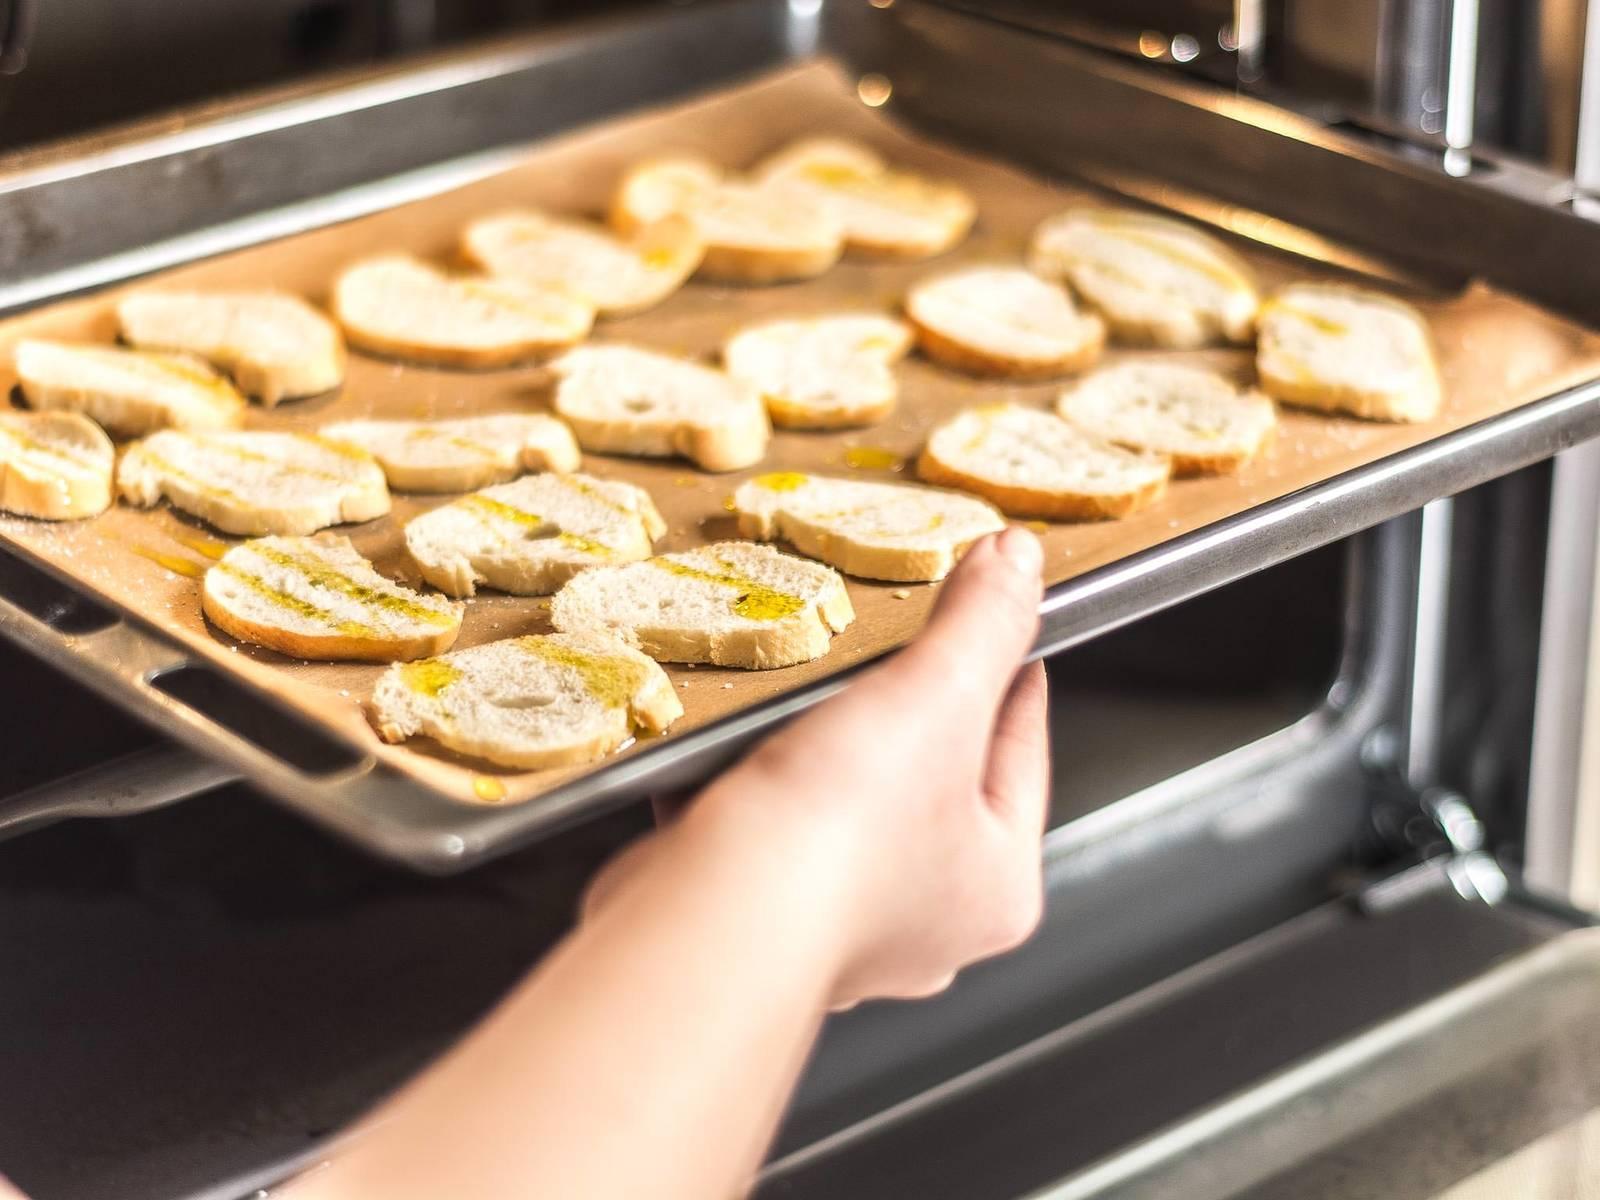 Anschließend die Scheiben mit 2 EL Olivenöl beträufeln und im vorgeheizten Ofen bei 180°C ca. 5 Min. goldgelb backen.